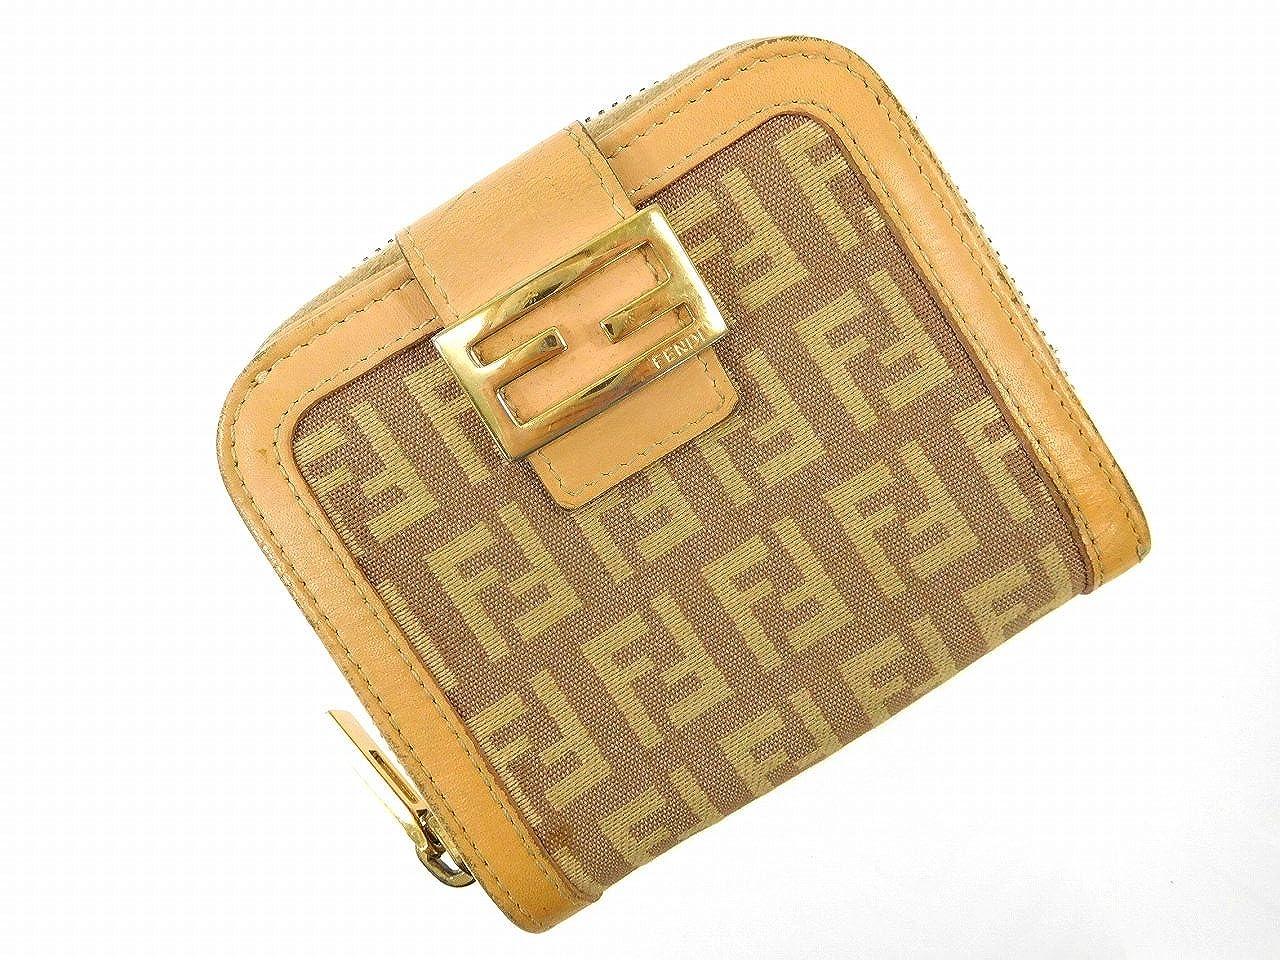 [フェンディ] FENDI 二つ折り財布 ズッカ キャンバス×レザー X14402 中古   B06XDNF29M